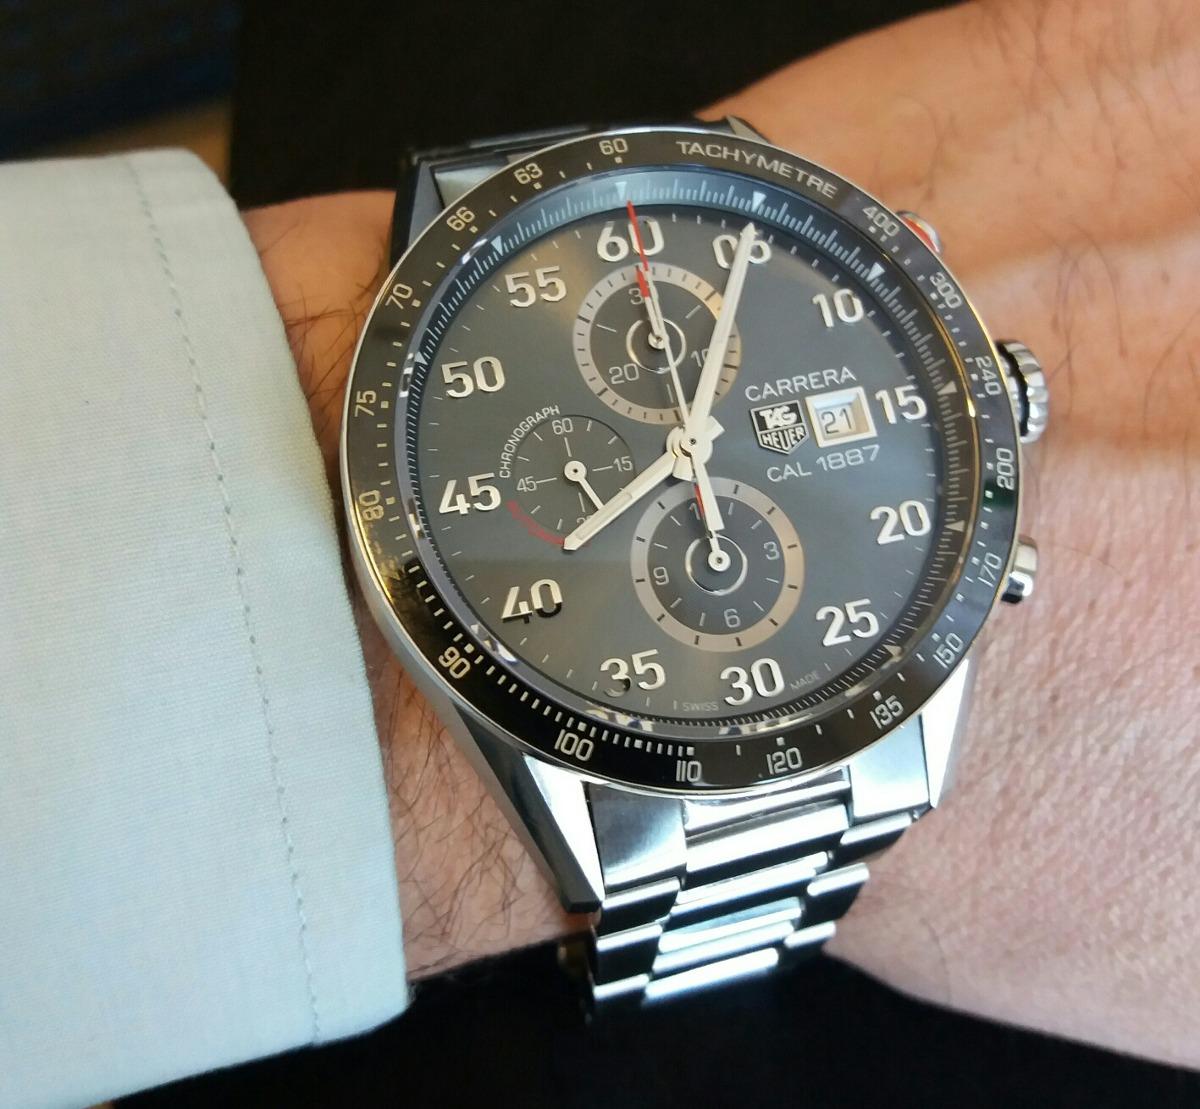 e20b8932e79 Reloj Tag Heuer Carrera Calibre 1887 -   1.980.000 en Mercado Libre